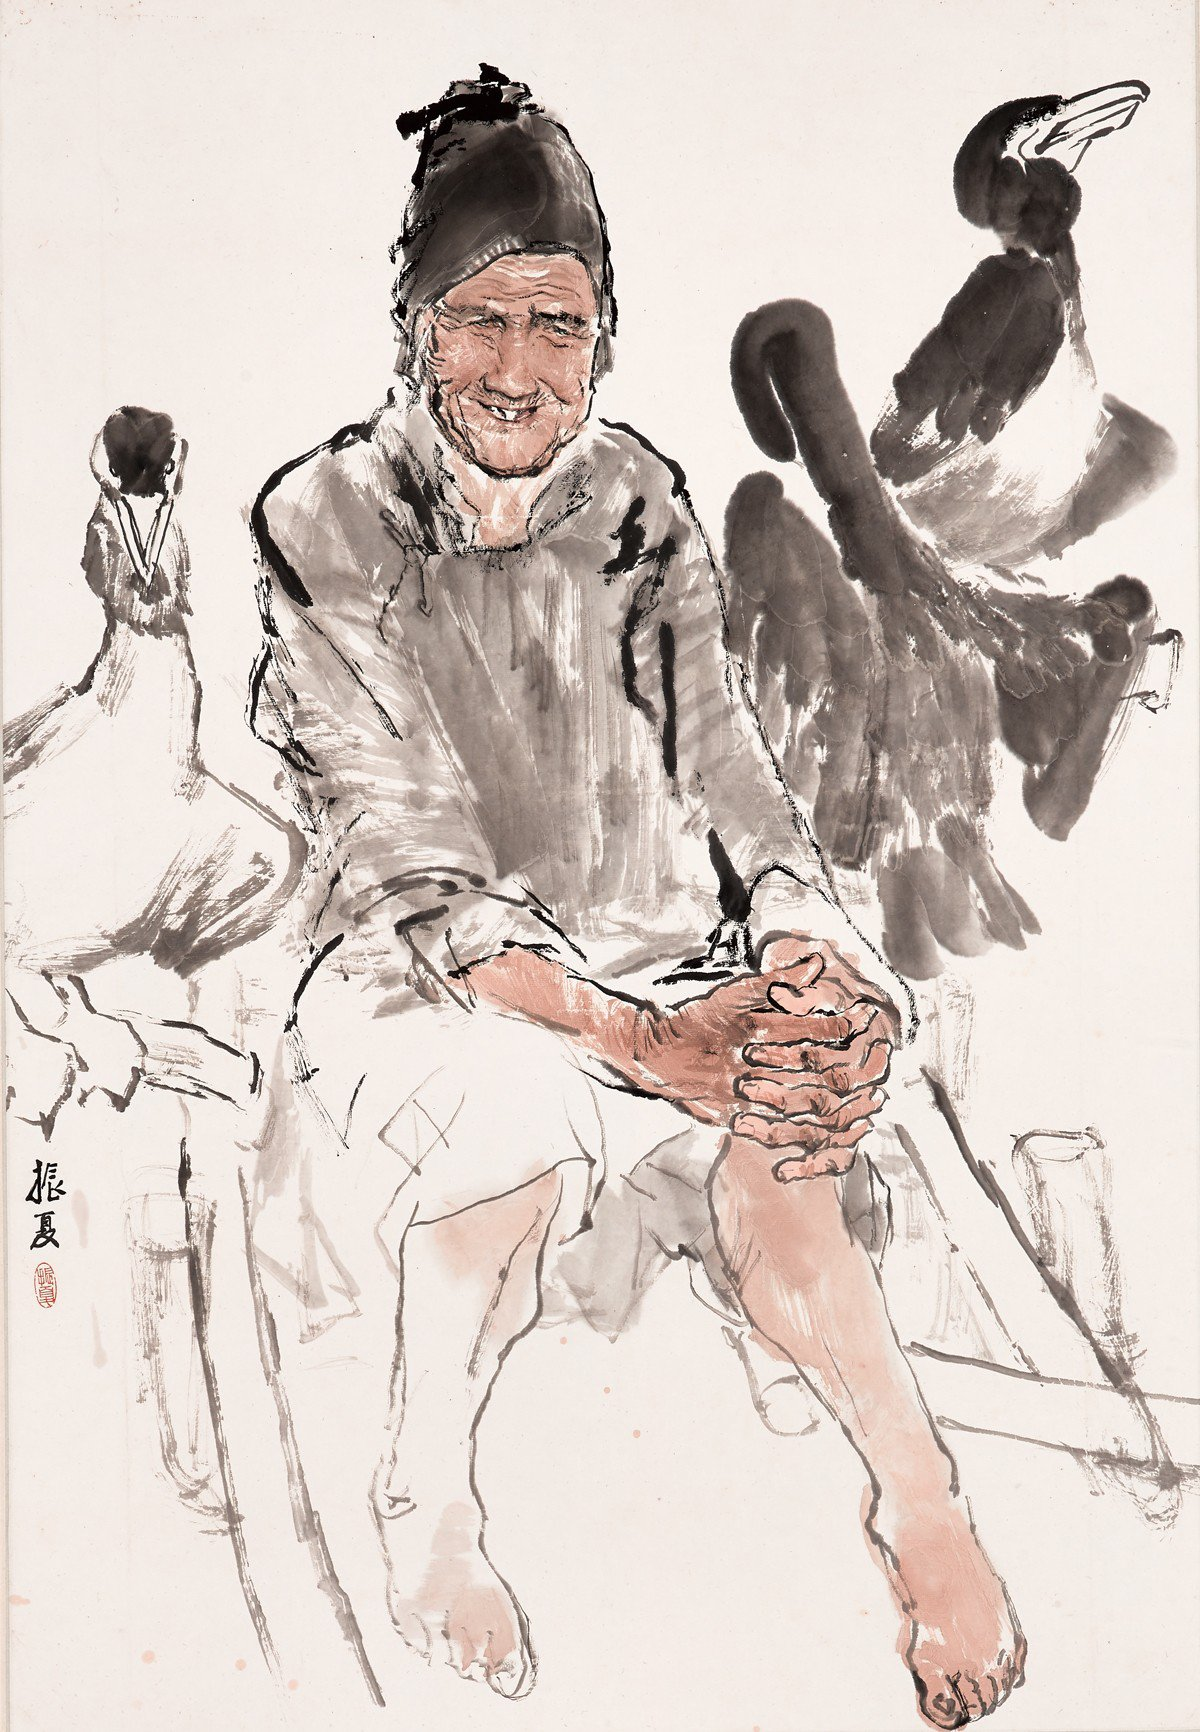 劉振夏 漁婆 1980 96x66cm 80年代轟動畫壇的劉振夏力作